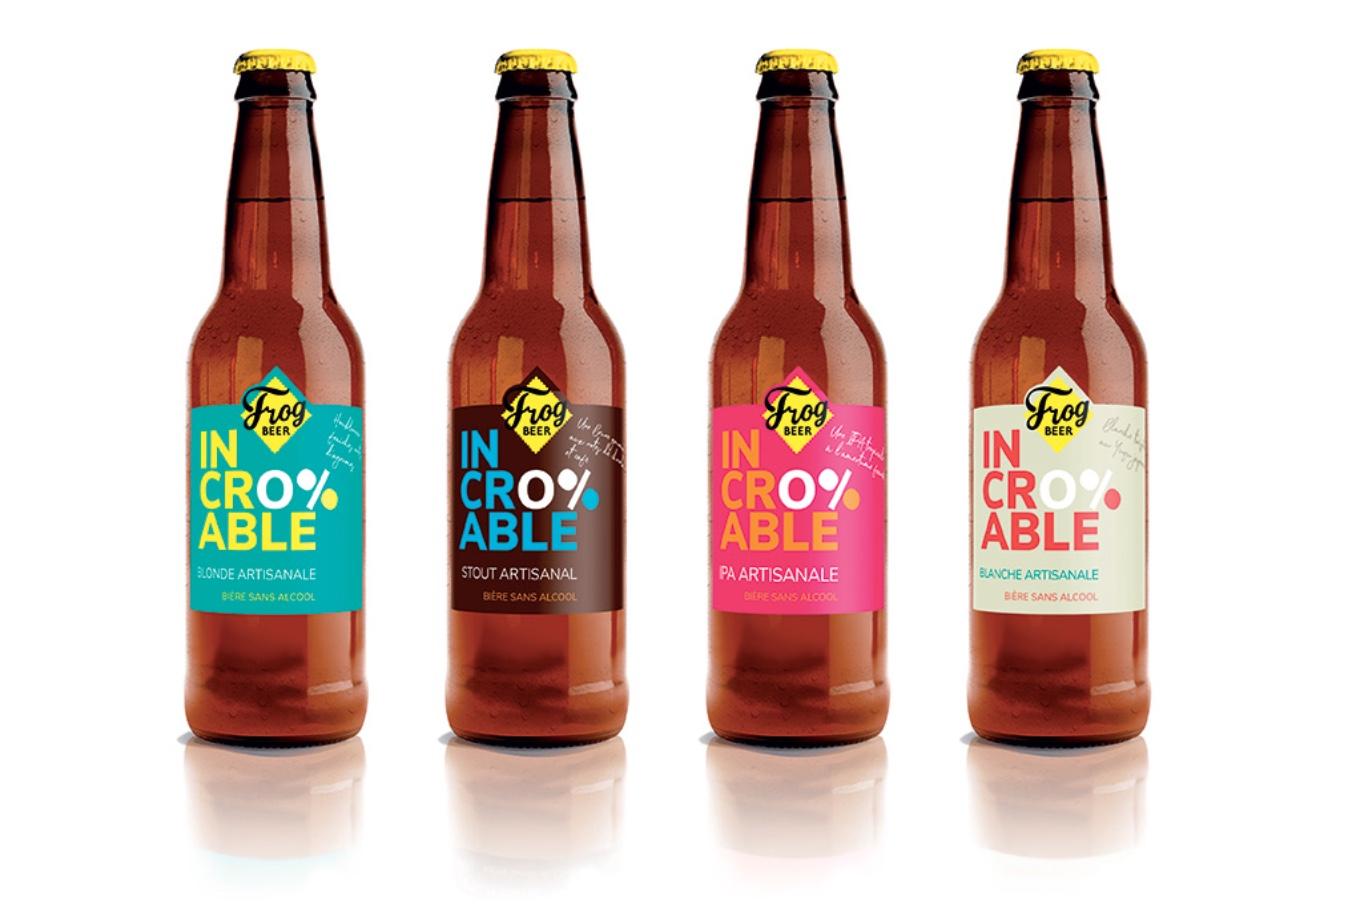 Capture decran 2021 01 06 a 10.45.20 - FrogBeer lance sa gamme de bières artisanales sans alcool « Incroyable »